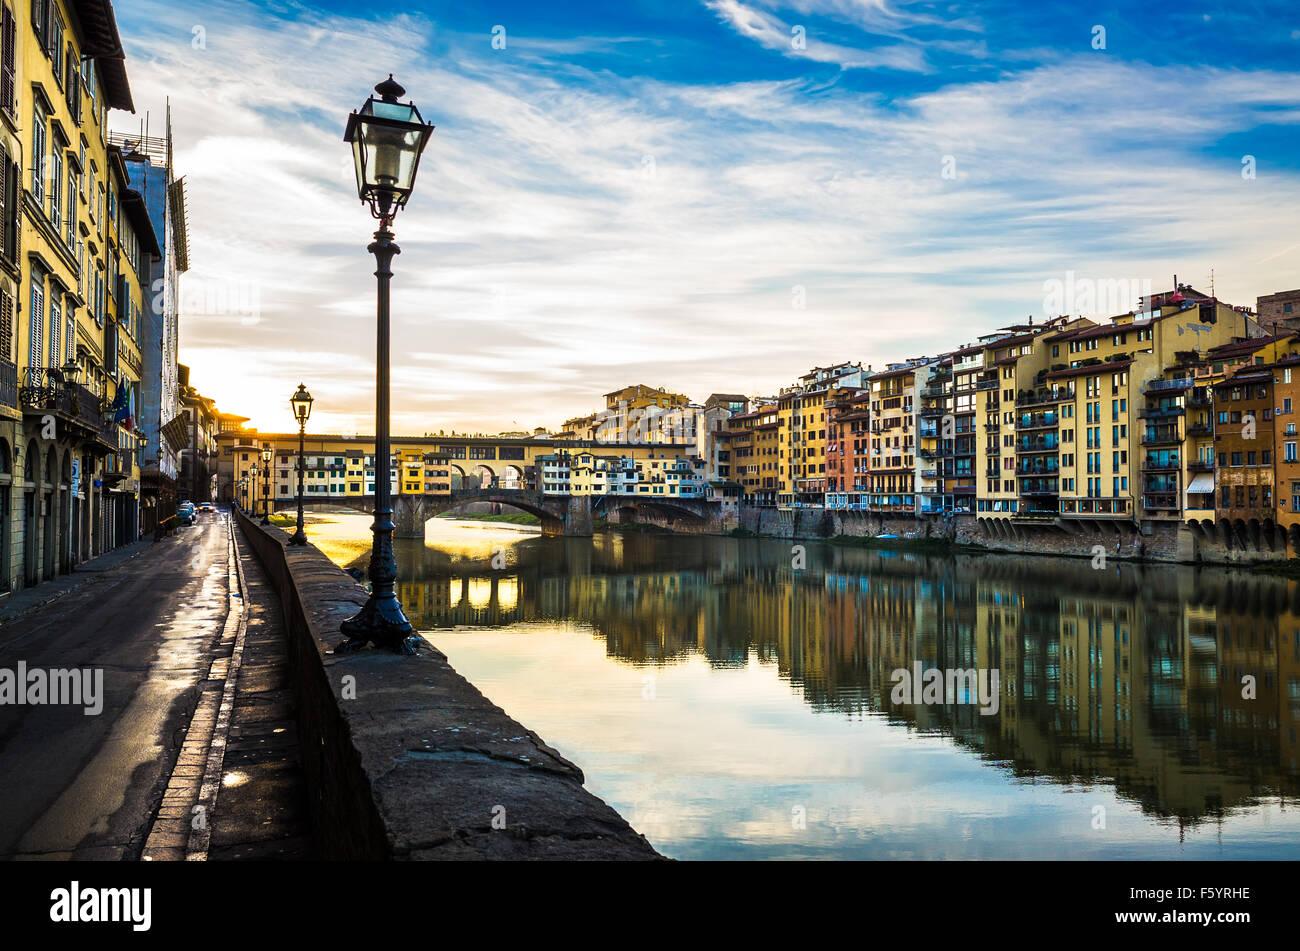 Ponte Vecchio ist eines der berühmtesten Brücke der Welt, besucht von Millionen von Touristen jedes Jahr, Stockbild